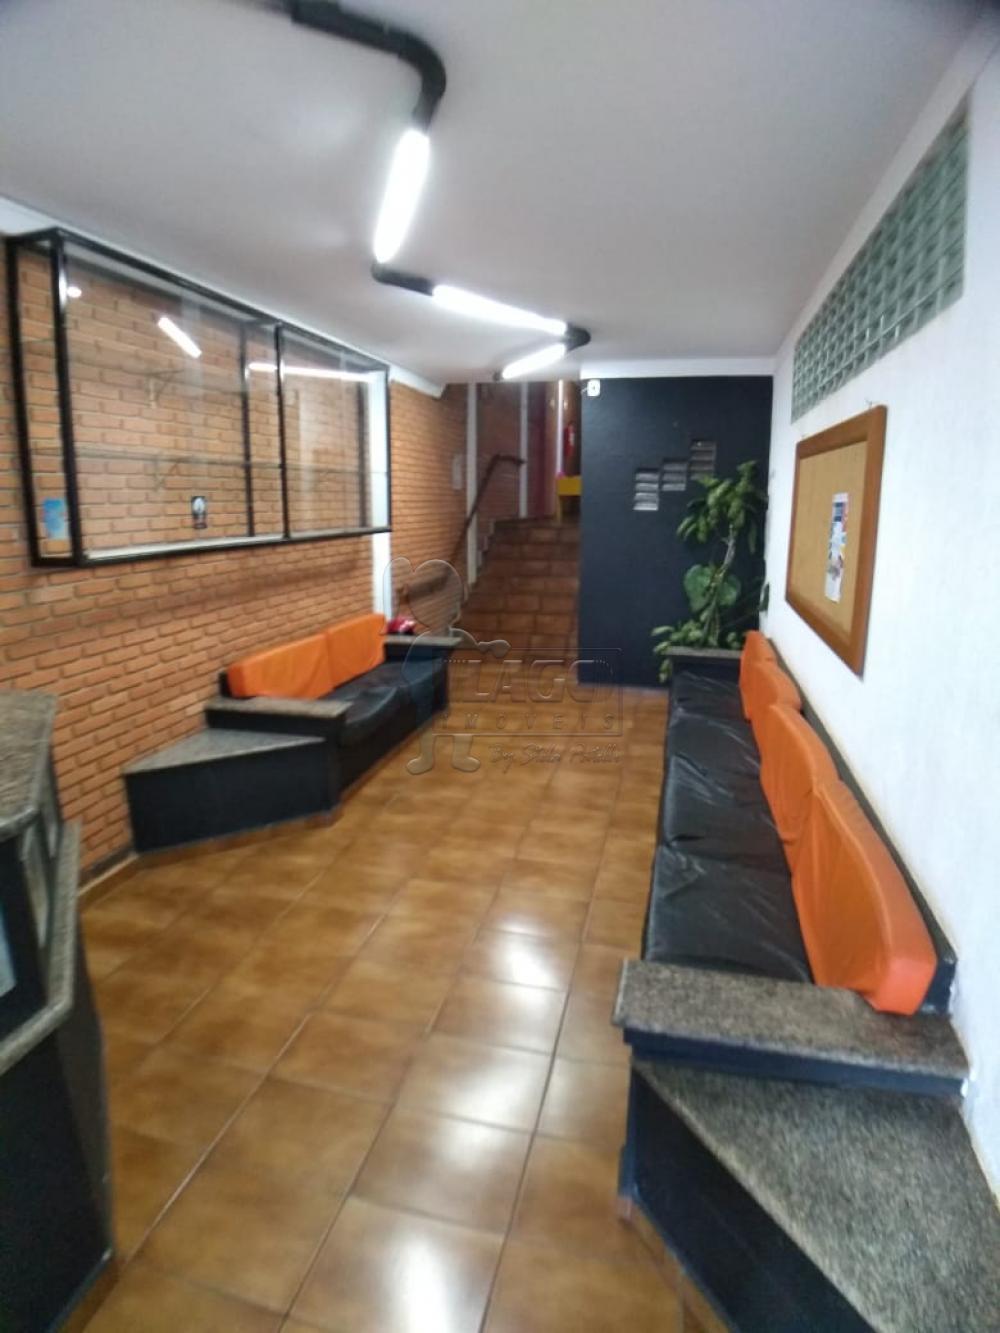 Alugar Comercial / Imóvel Comercial em Ribeirão Preto apenas R$ 4.000,00 - Foto 4